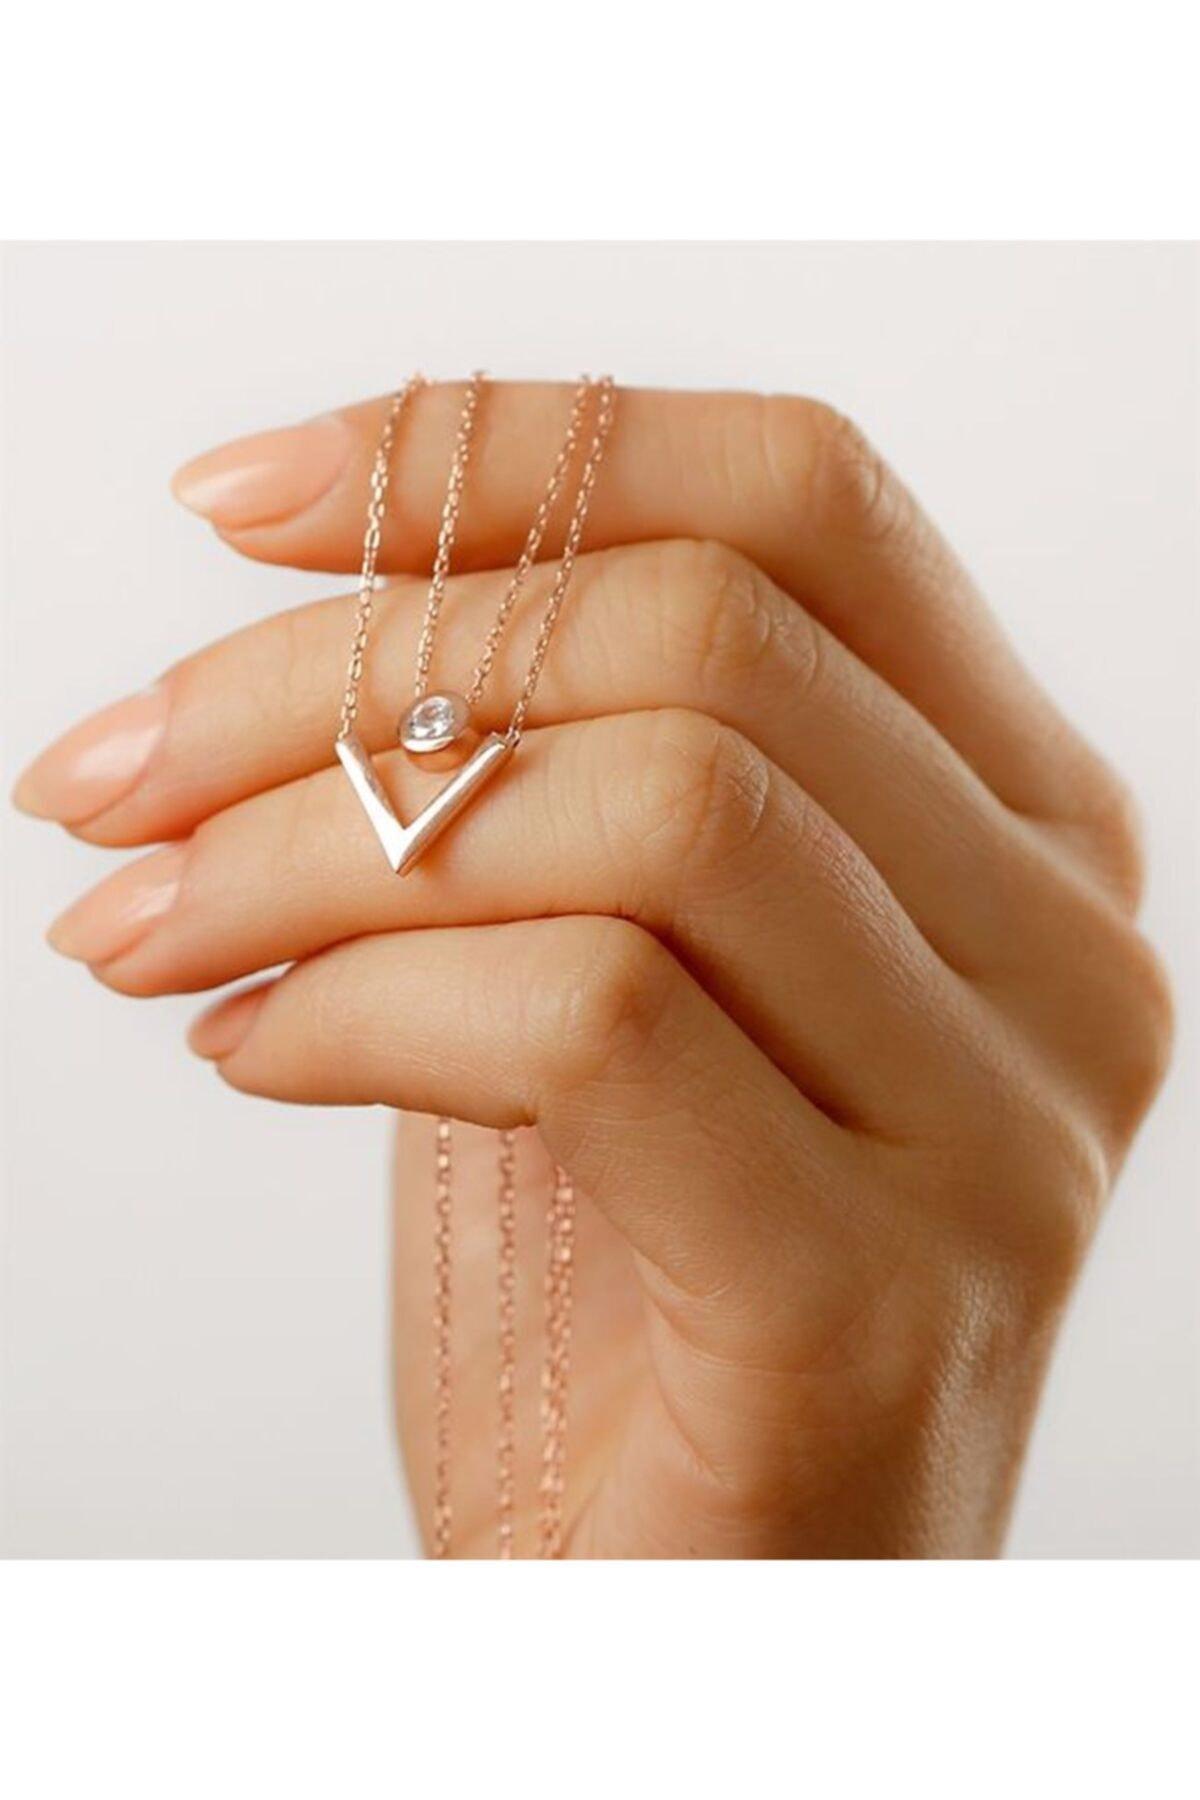 Gümüşistan 925 Ayar Gümüş Çift Zincir Trend Kolye 2